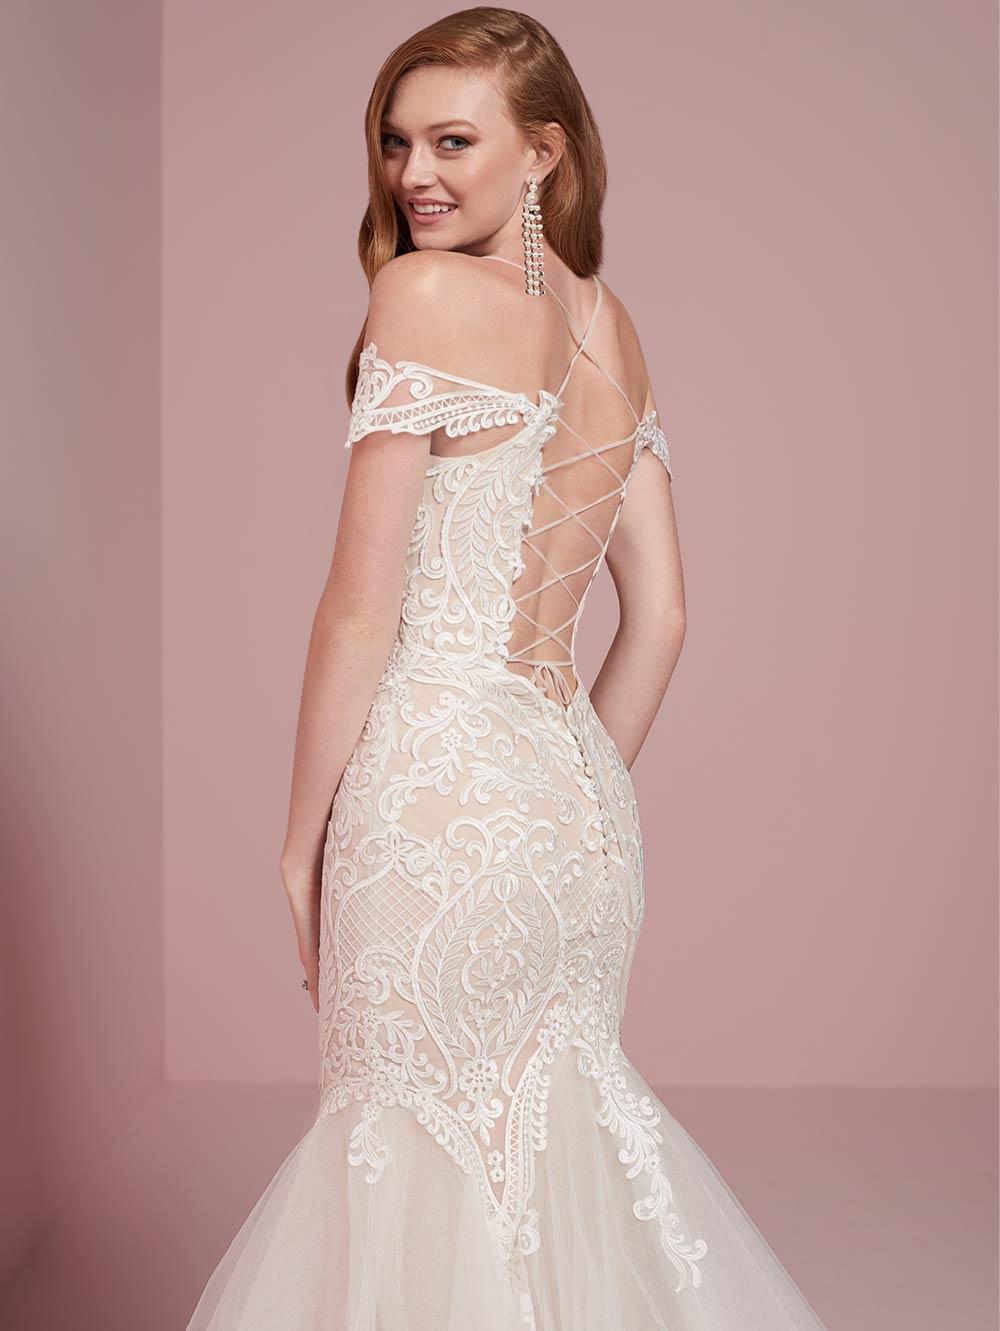 bridal-gowns-jacquelin-bridals-canada-27616